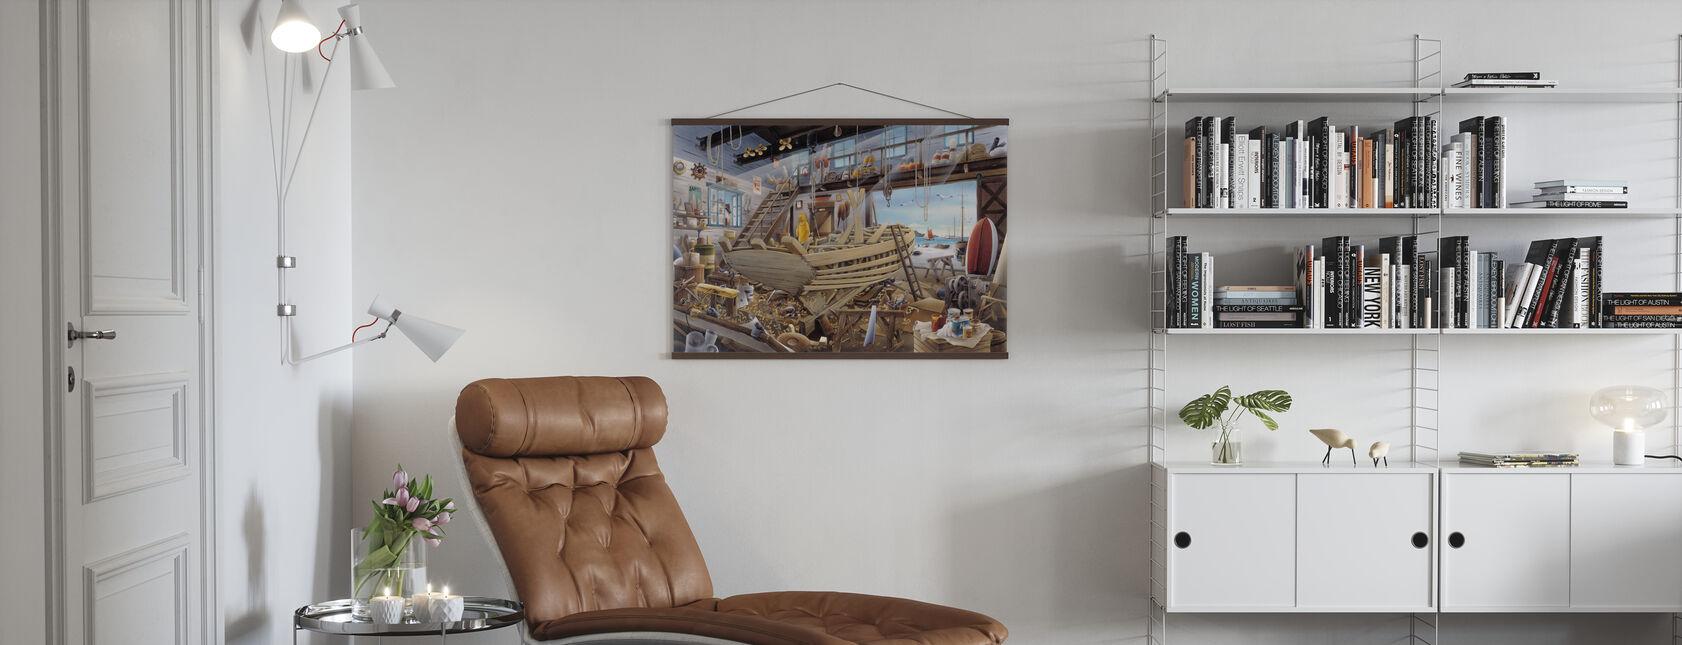 Patio del barco - Póster - Salón